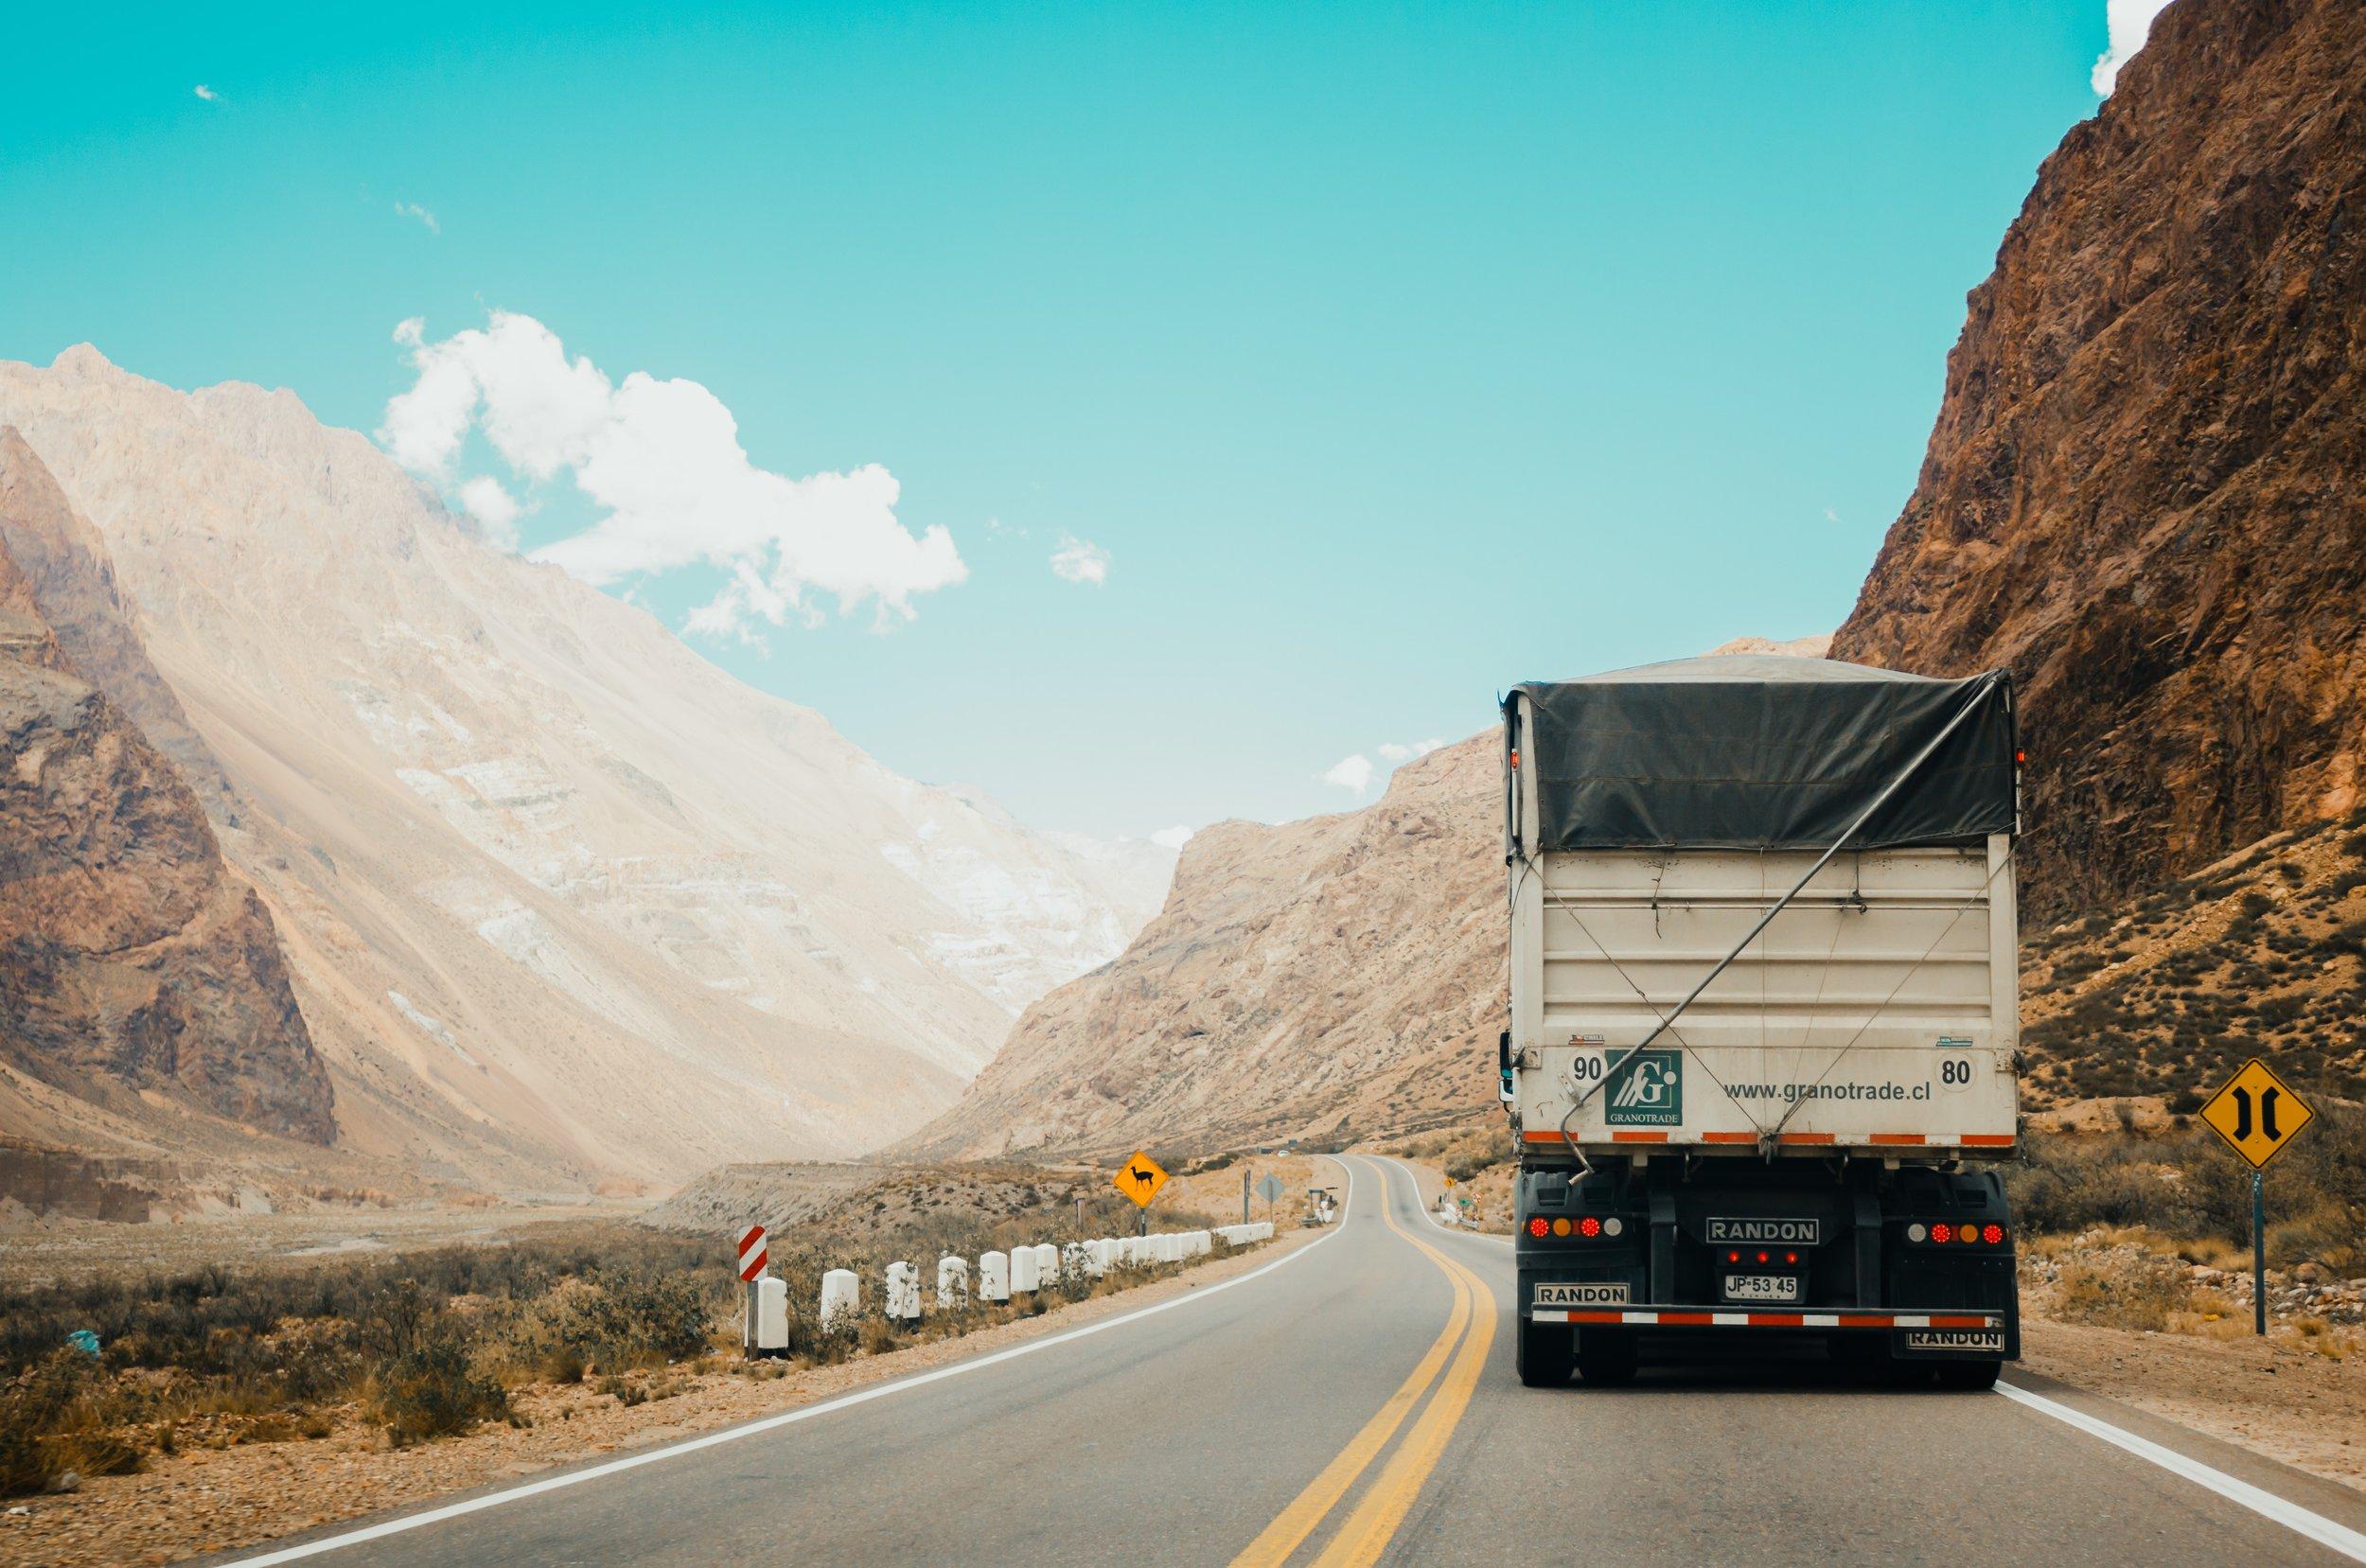 Trasporti - Il nostro parco macchine, comprensivo di autocarri a 4 assi, Bilici mezzi d'opera e di pianale per lo spostamento di macchine operatrici, ci permette di soddisfare qualsiasi richiesta di trasporto non solo del materiale inerte.